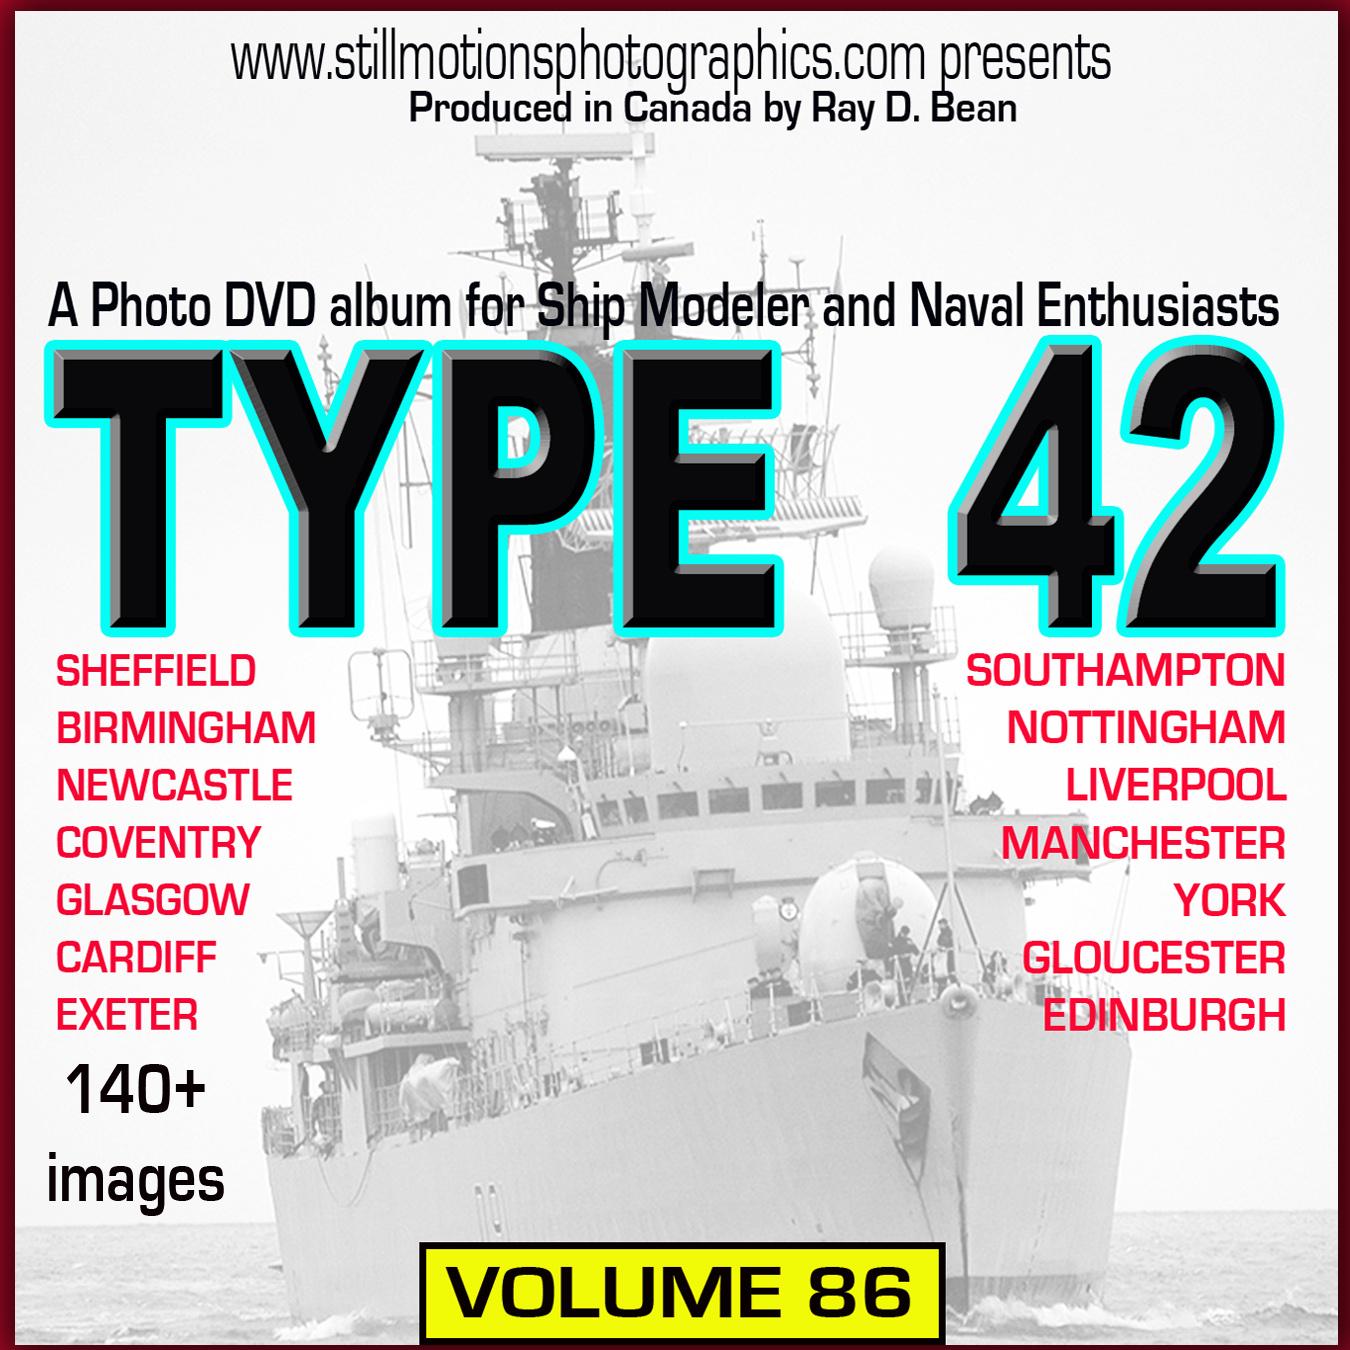 RB-86.jpg - 0 Bytes